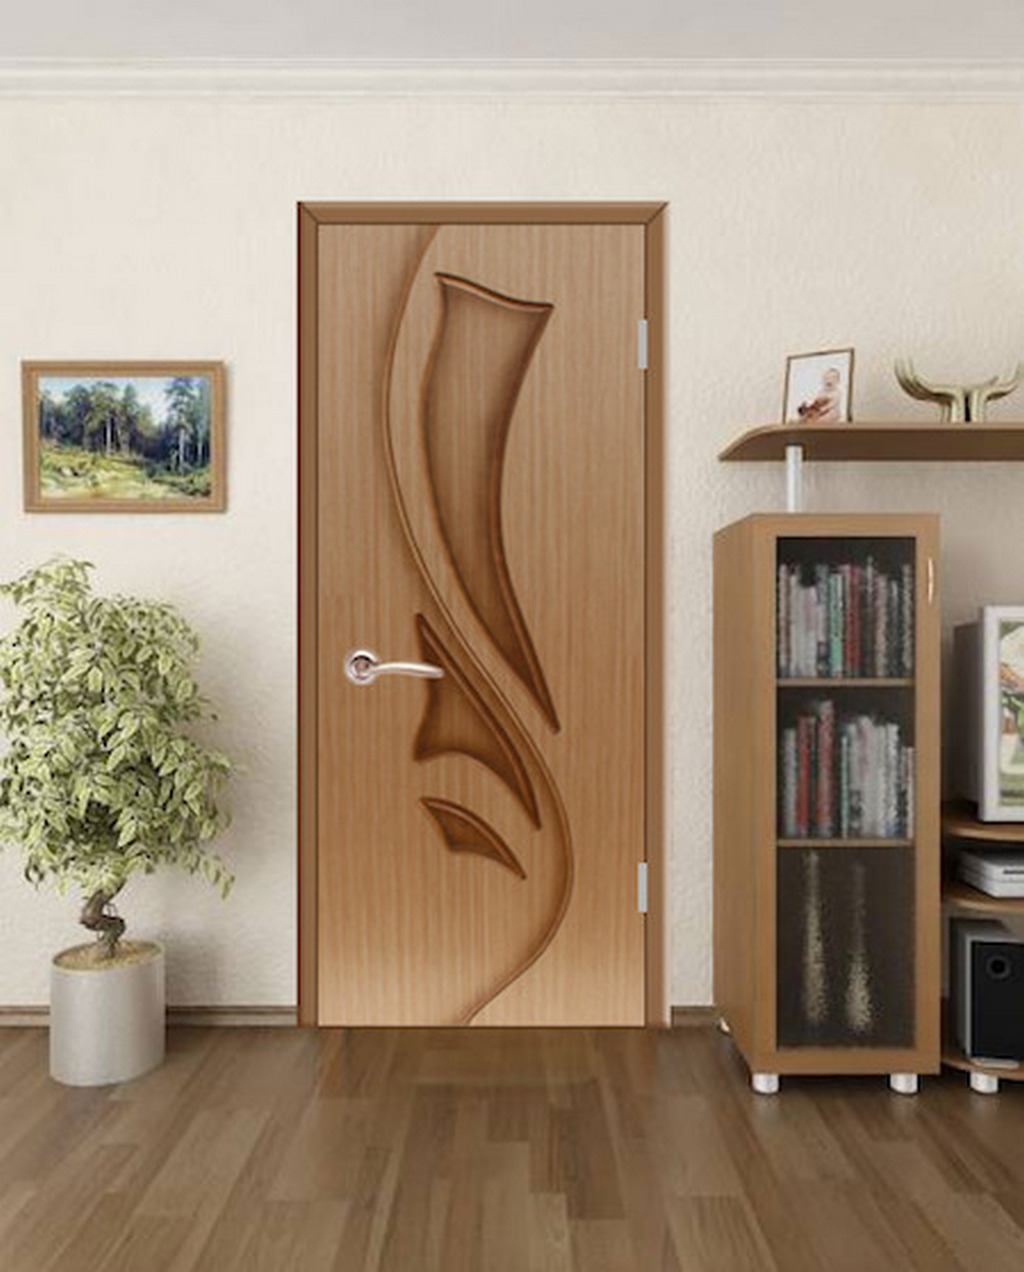 Шпонированная дверь в интерьере гостиной. Цвет дуб